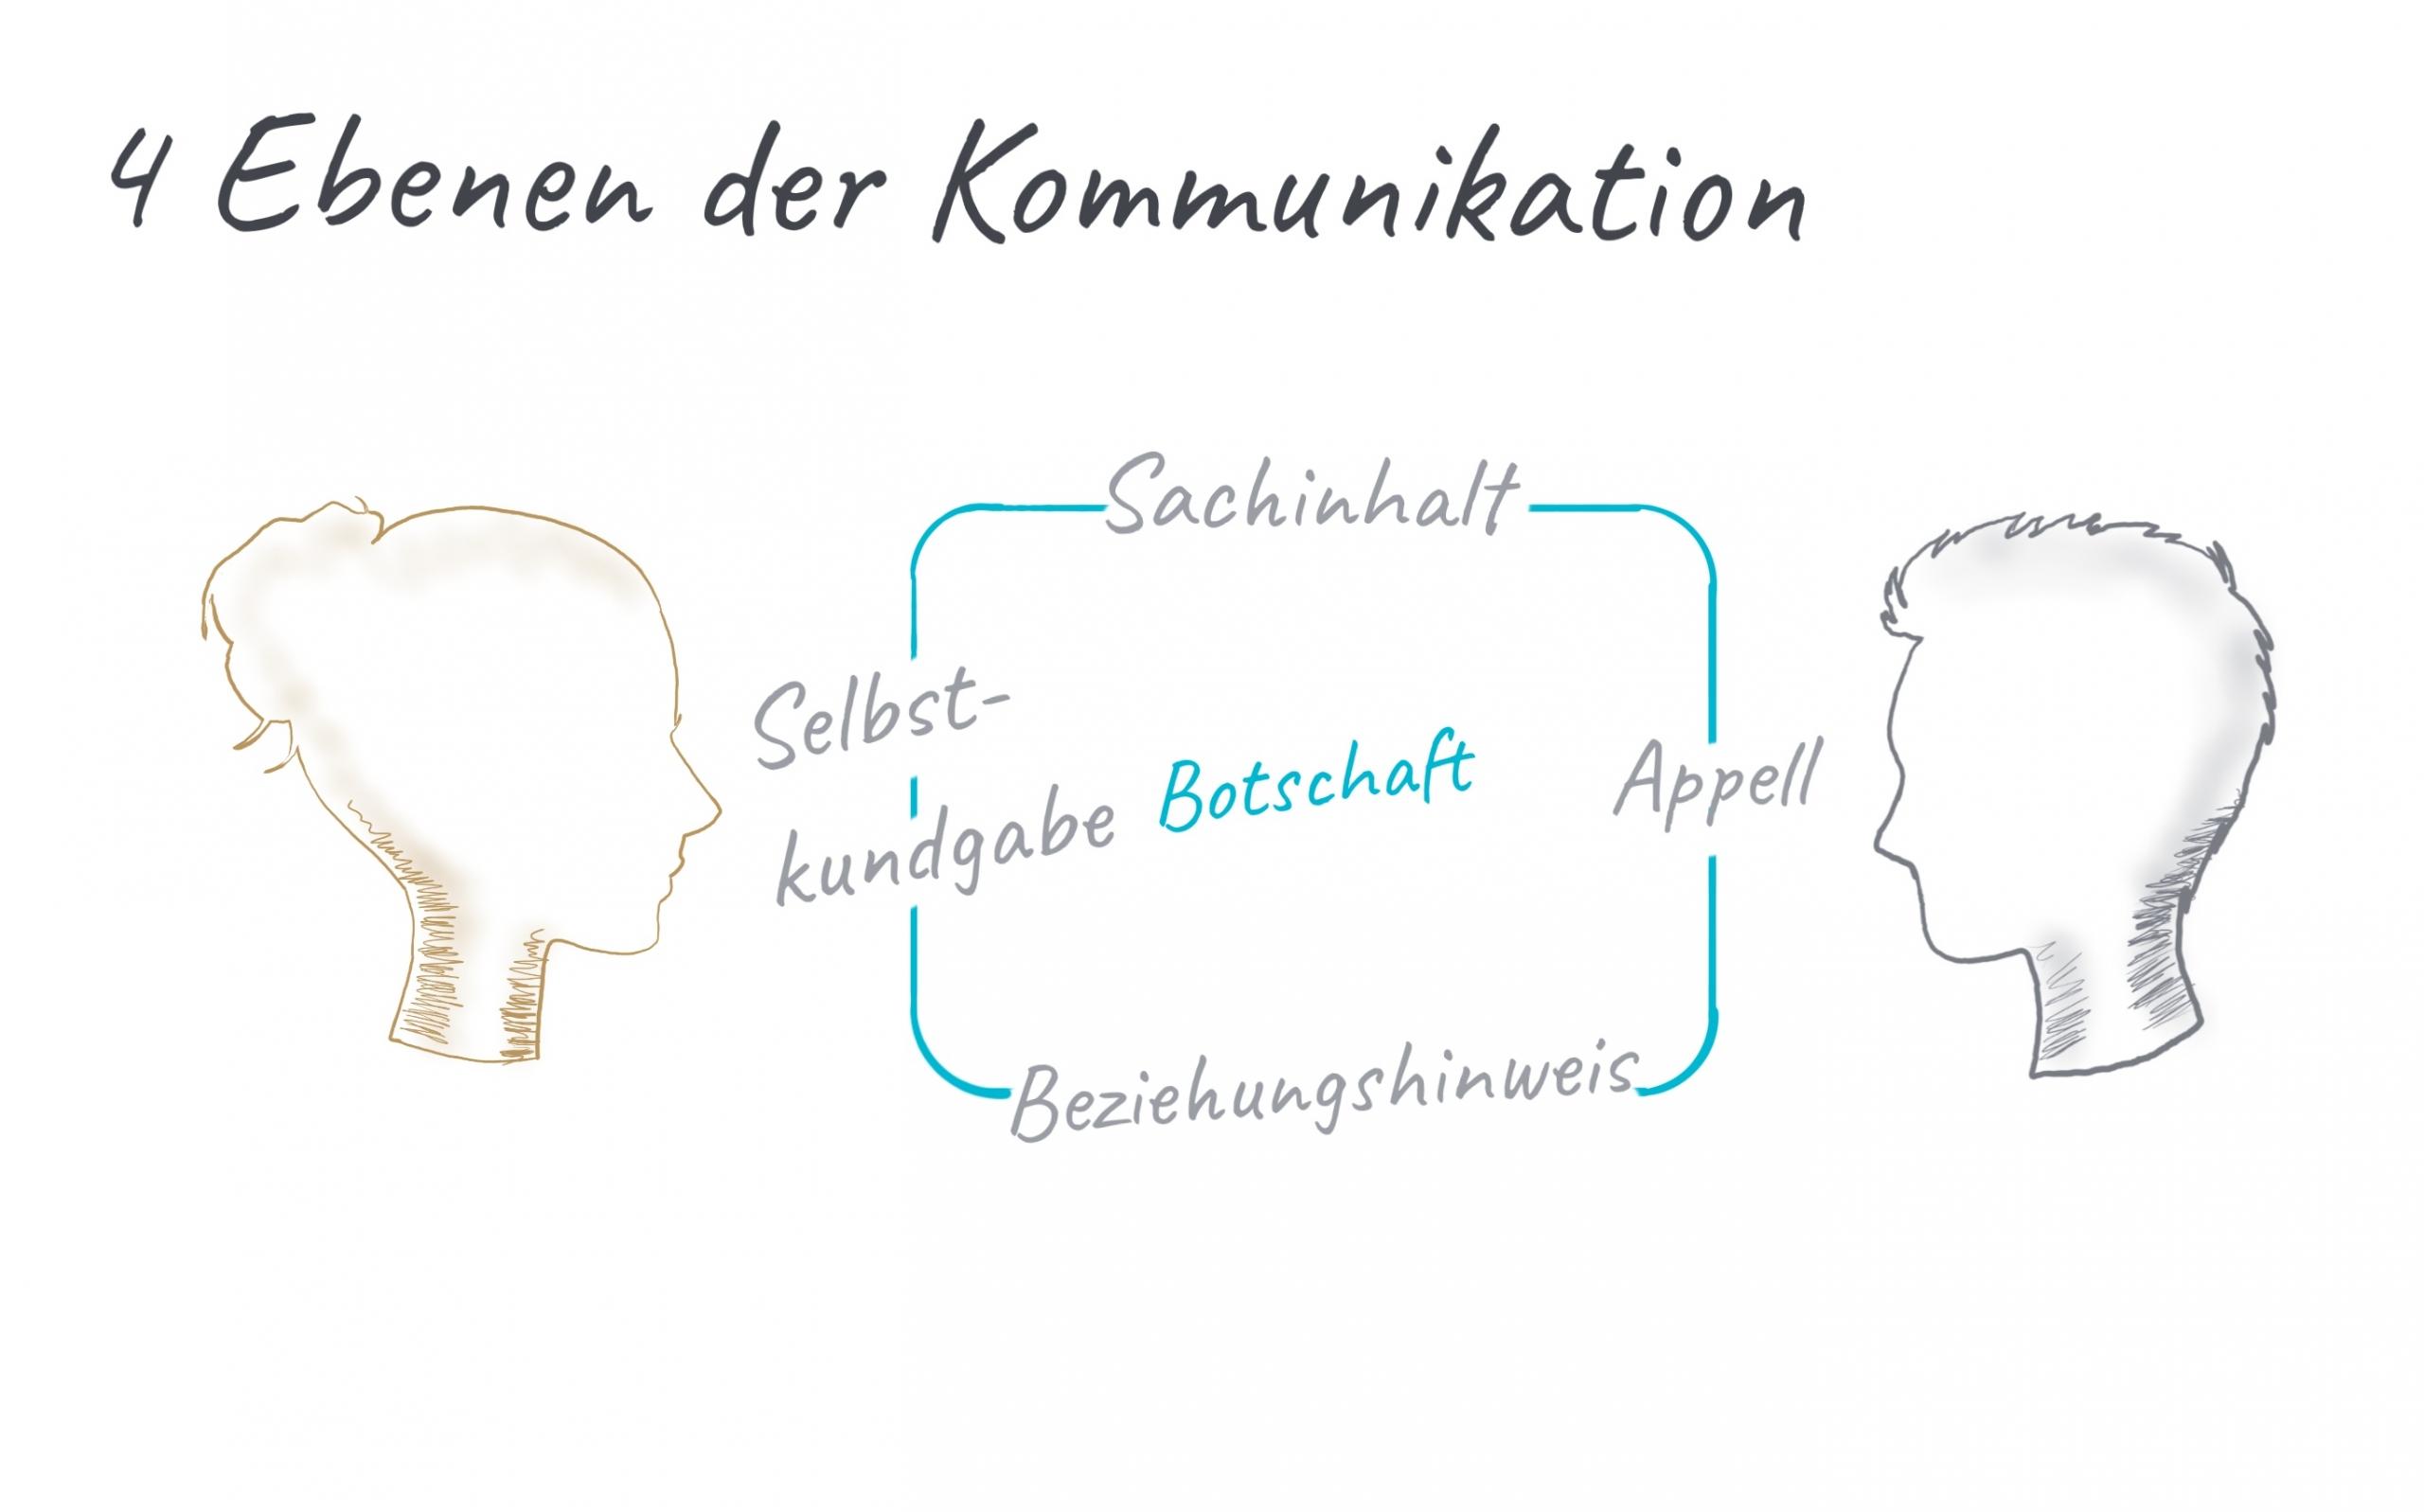 Ebenen der Kommunikation